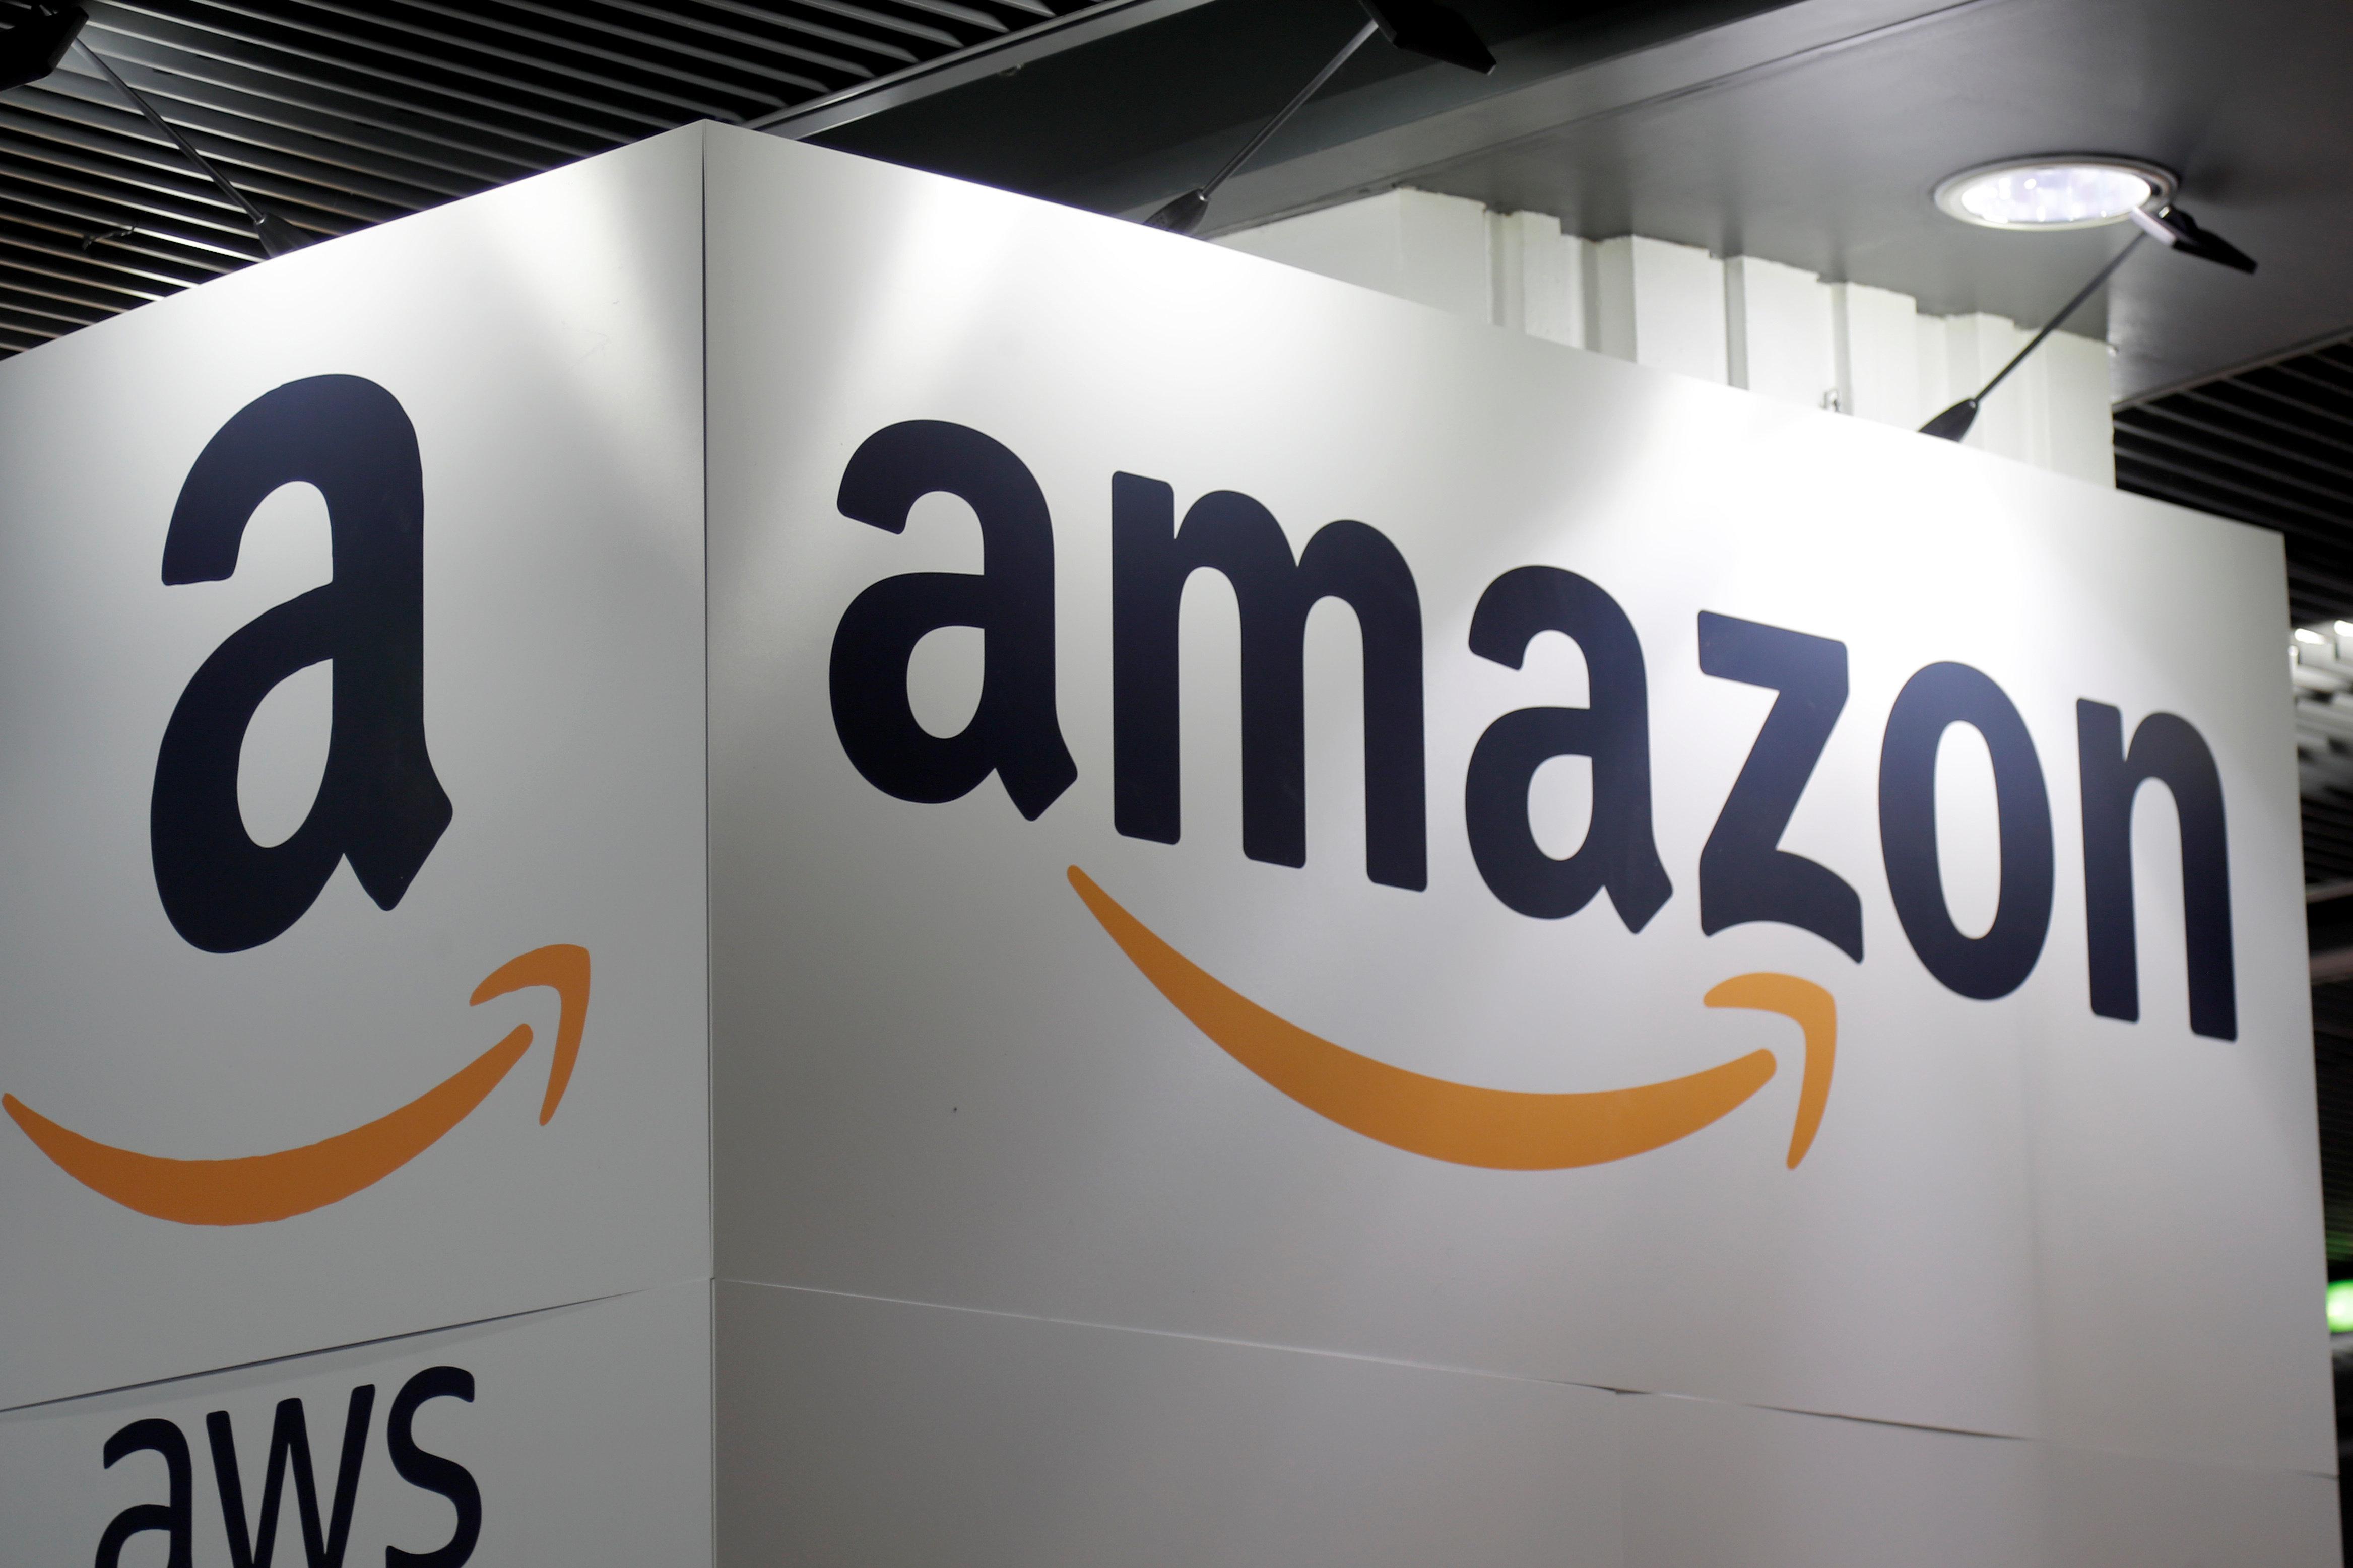 Kunden regen sich über Amazon-Prime-Verspätungen auf, dabei hätten sie bloß genauer hinschauen müssen